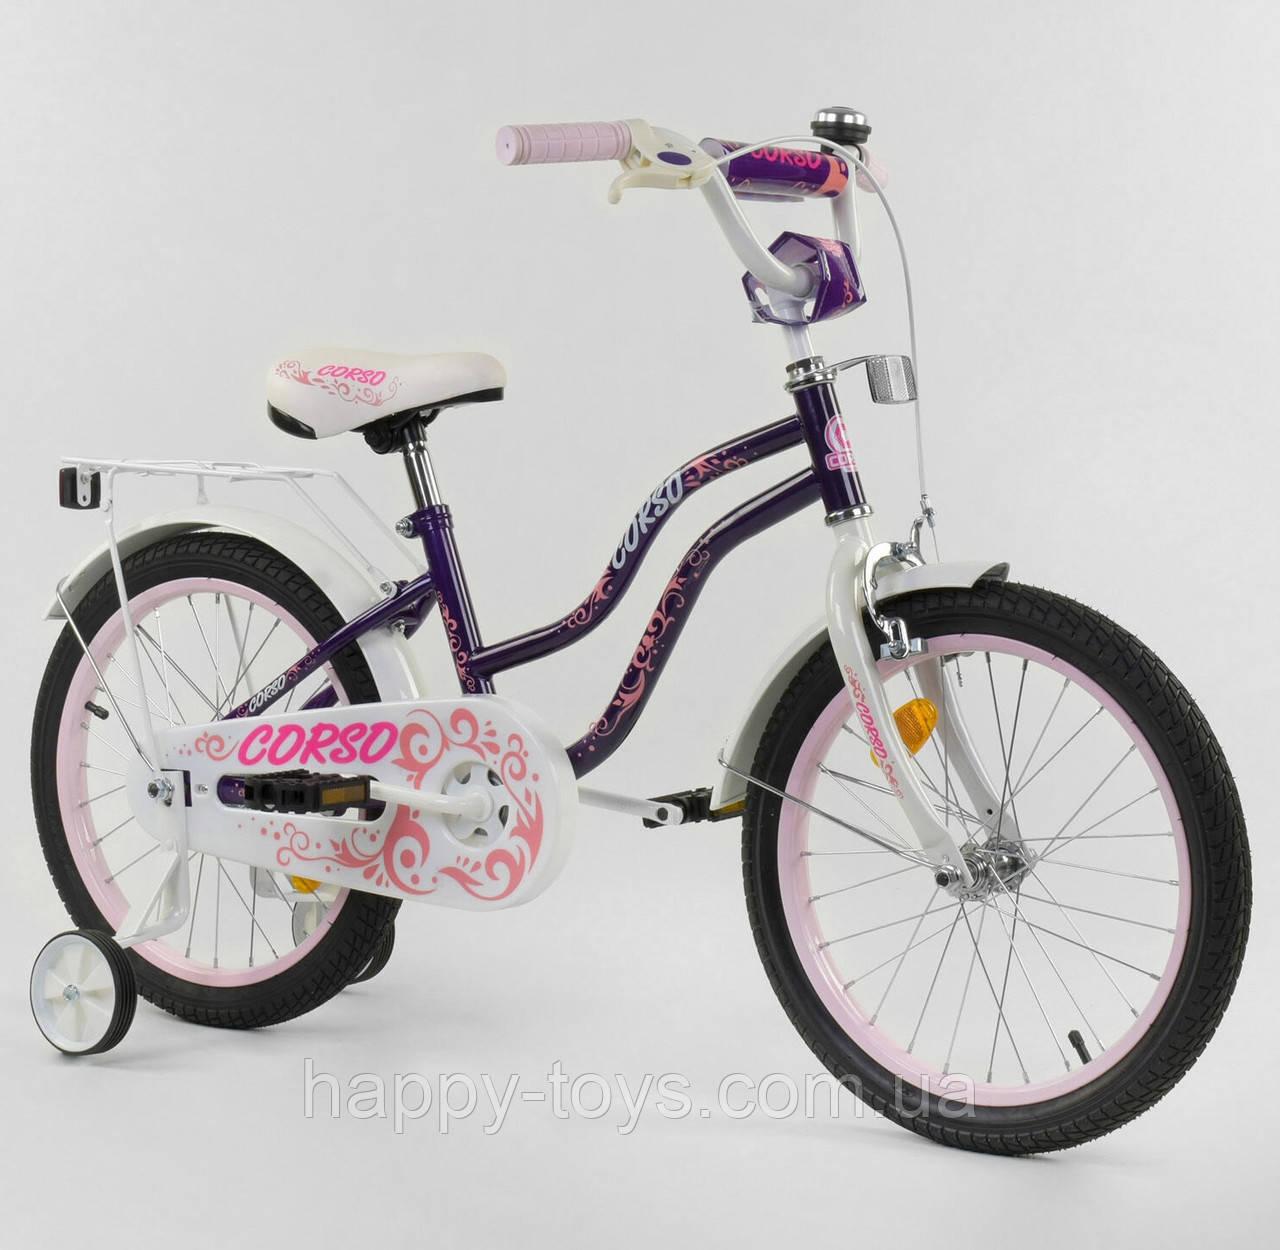 """Велосипед 18"""" дюймов 2-х колёсный """"CORSO"""" ФИОЛЕТОВЫЙ, ручной тормоз, доп. колеса, собранный на 75% Т-85234"""